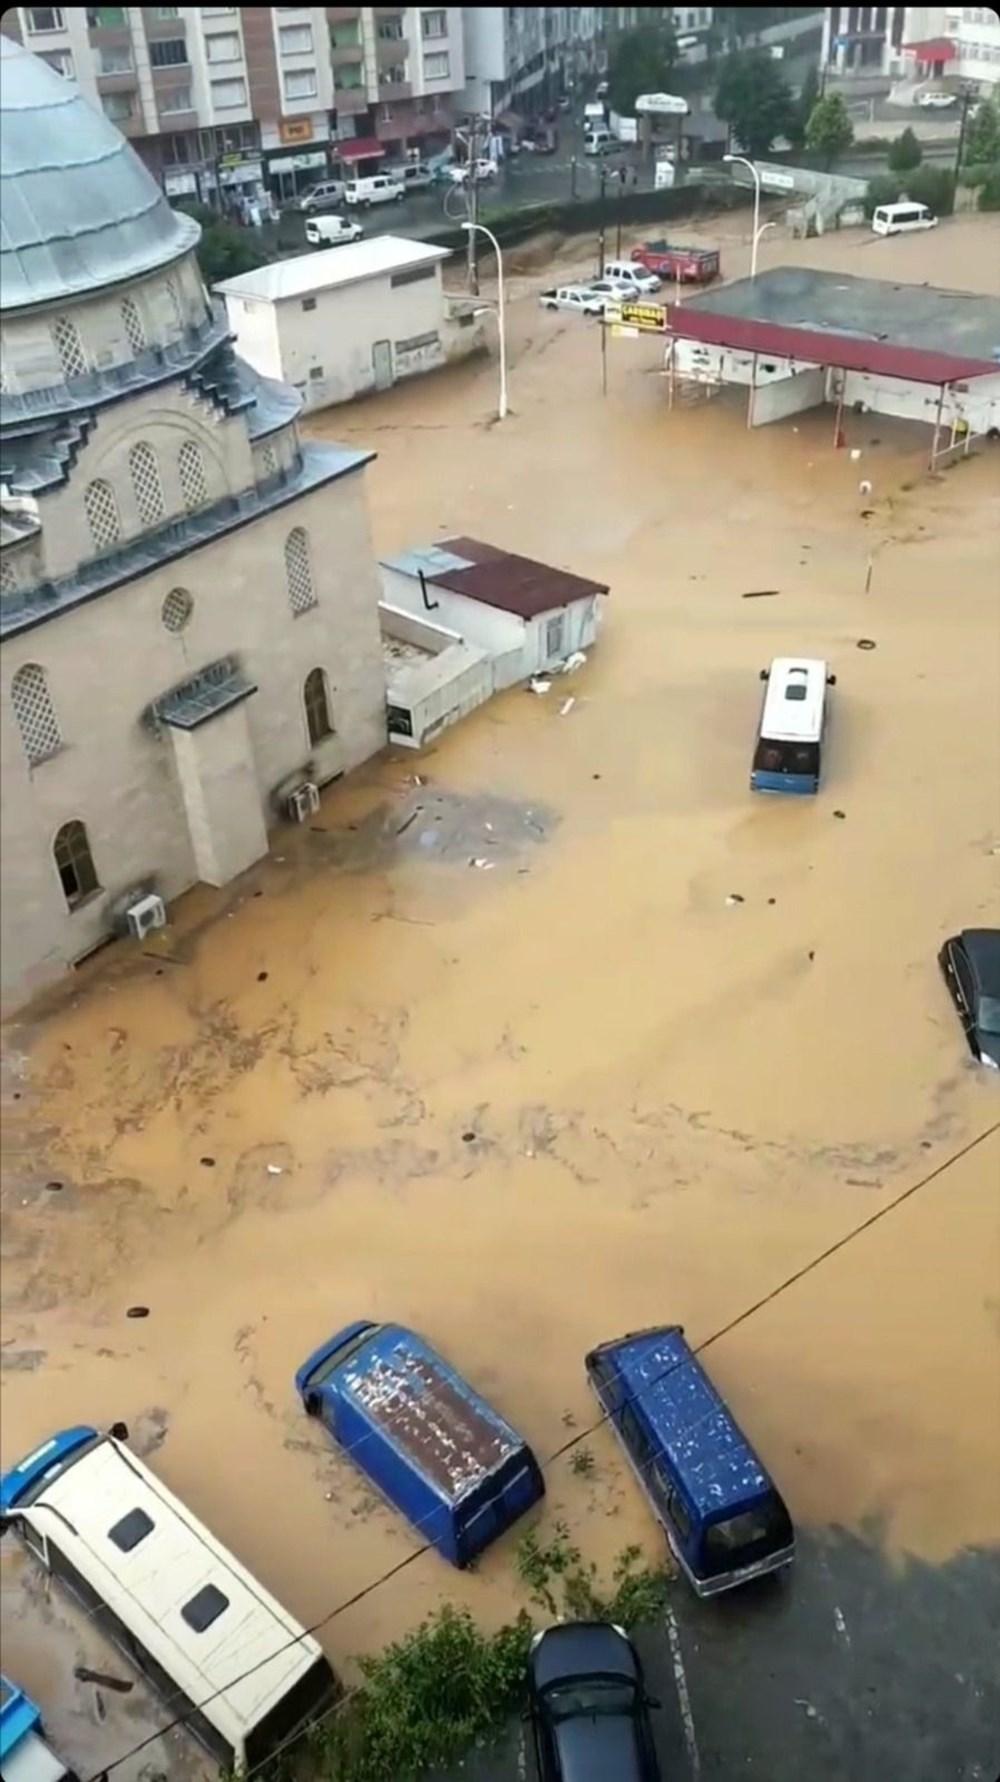 Şiddetli yağış Rize'yi de vurdu: 2 can kaybı - 32